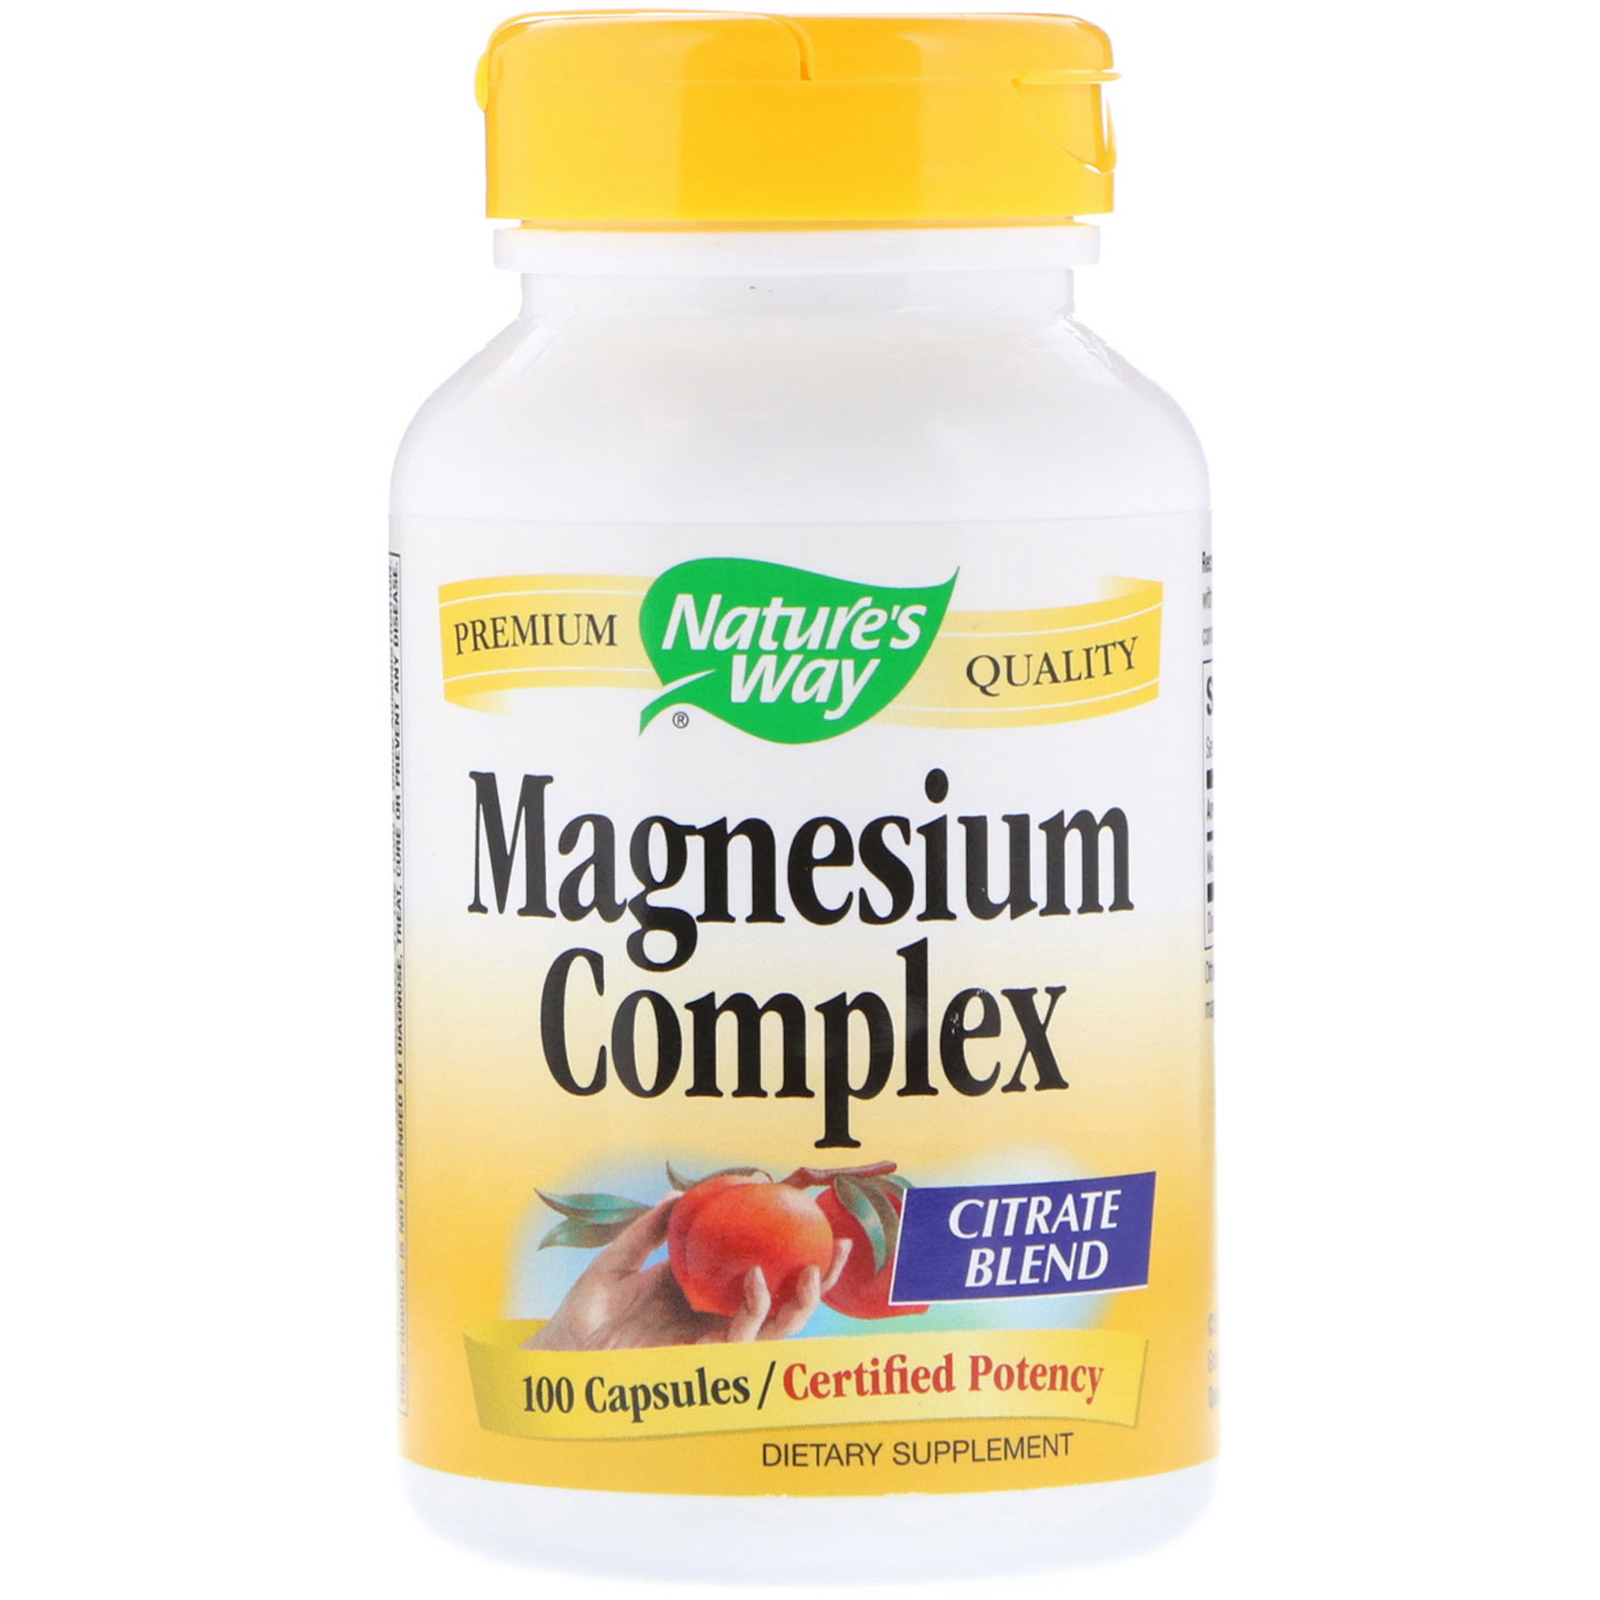 magnezium